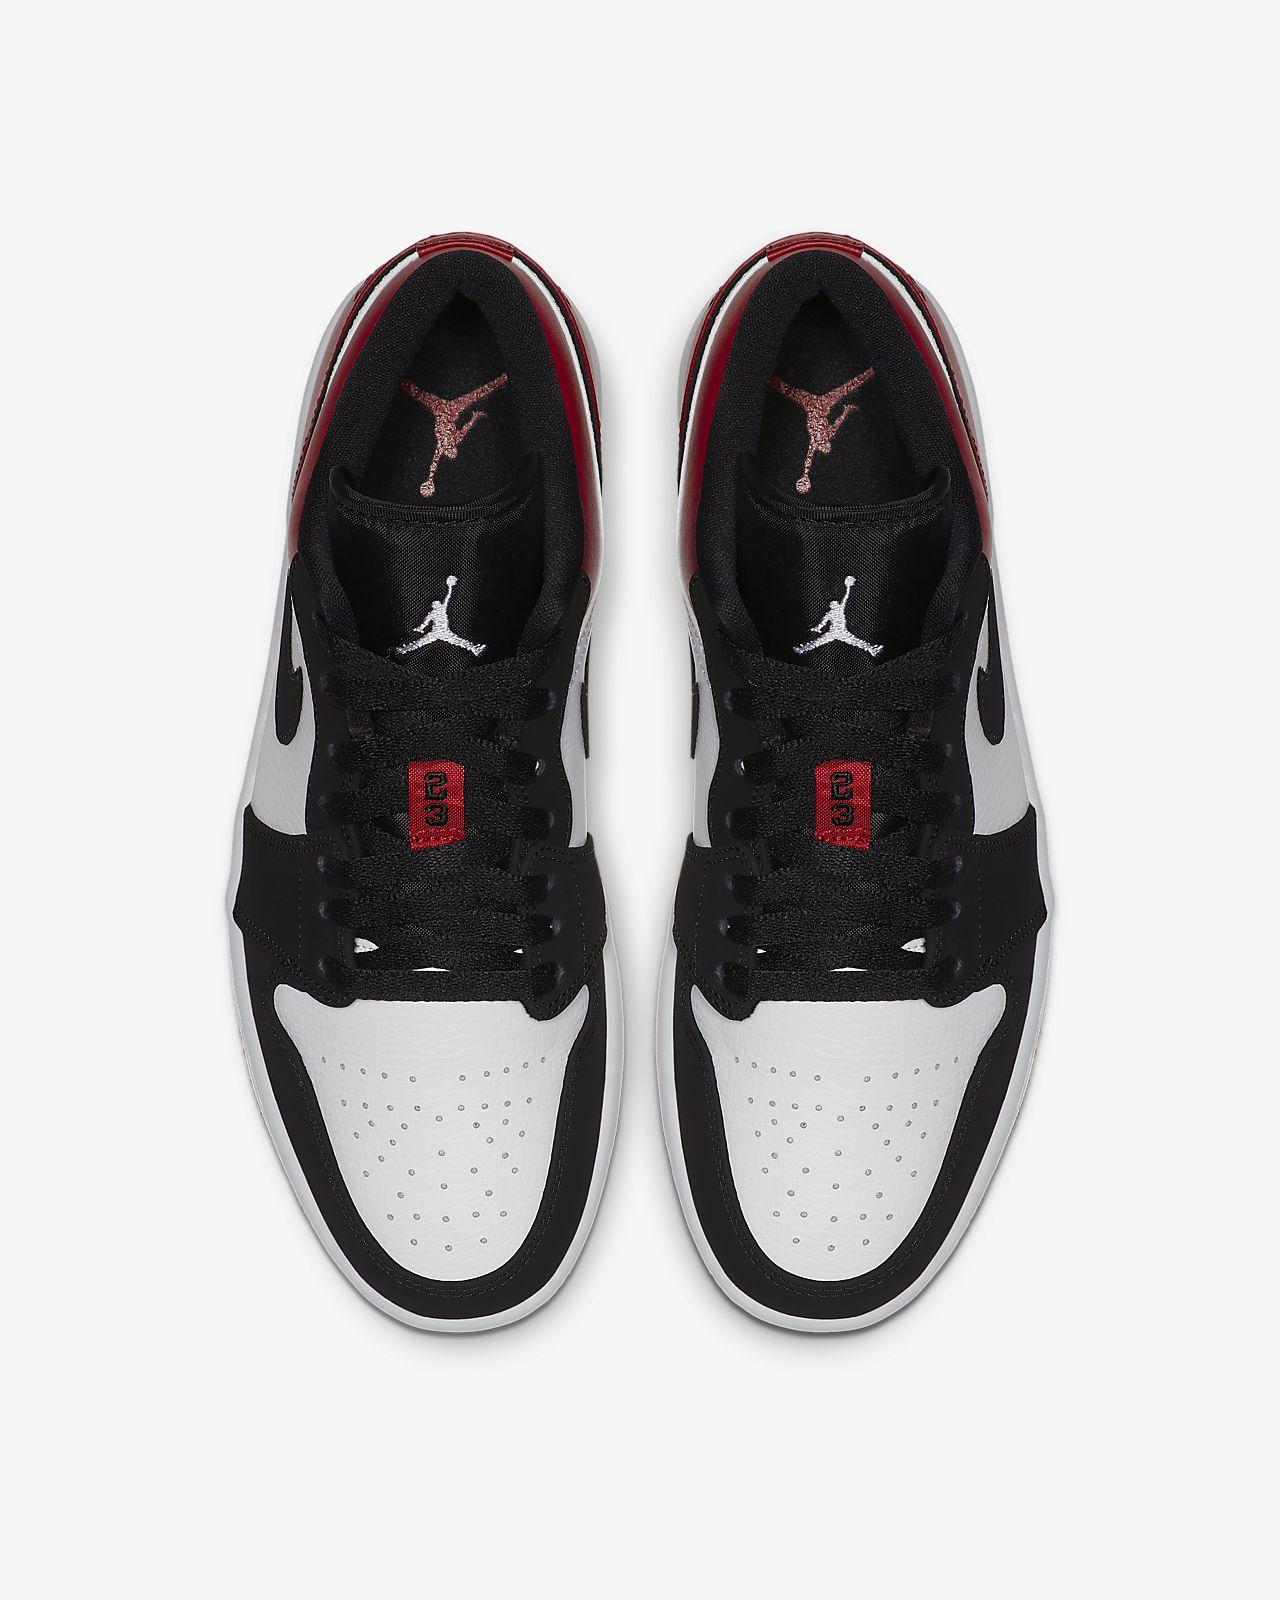 Air Jordan 1 Low Schoen